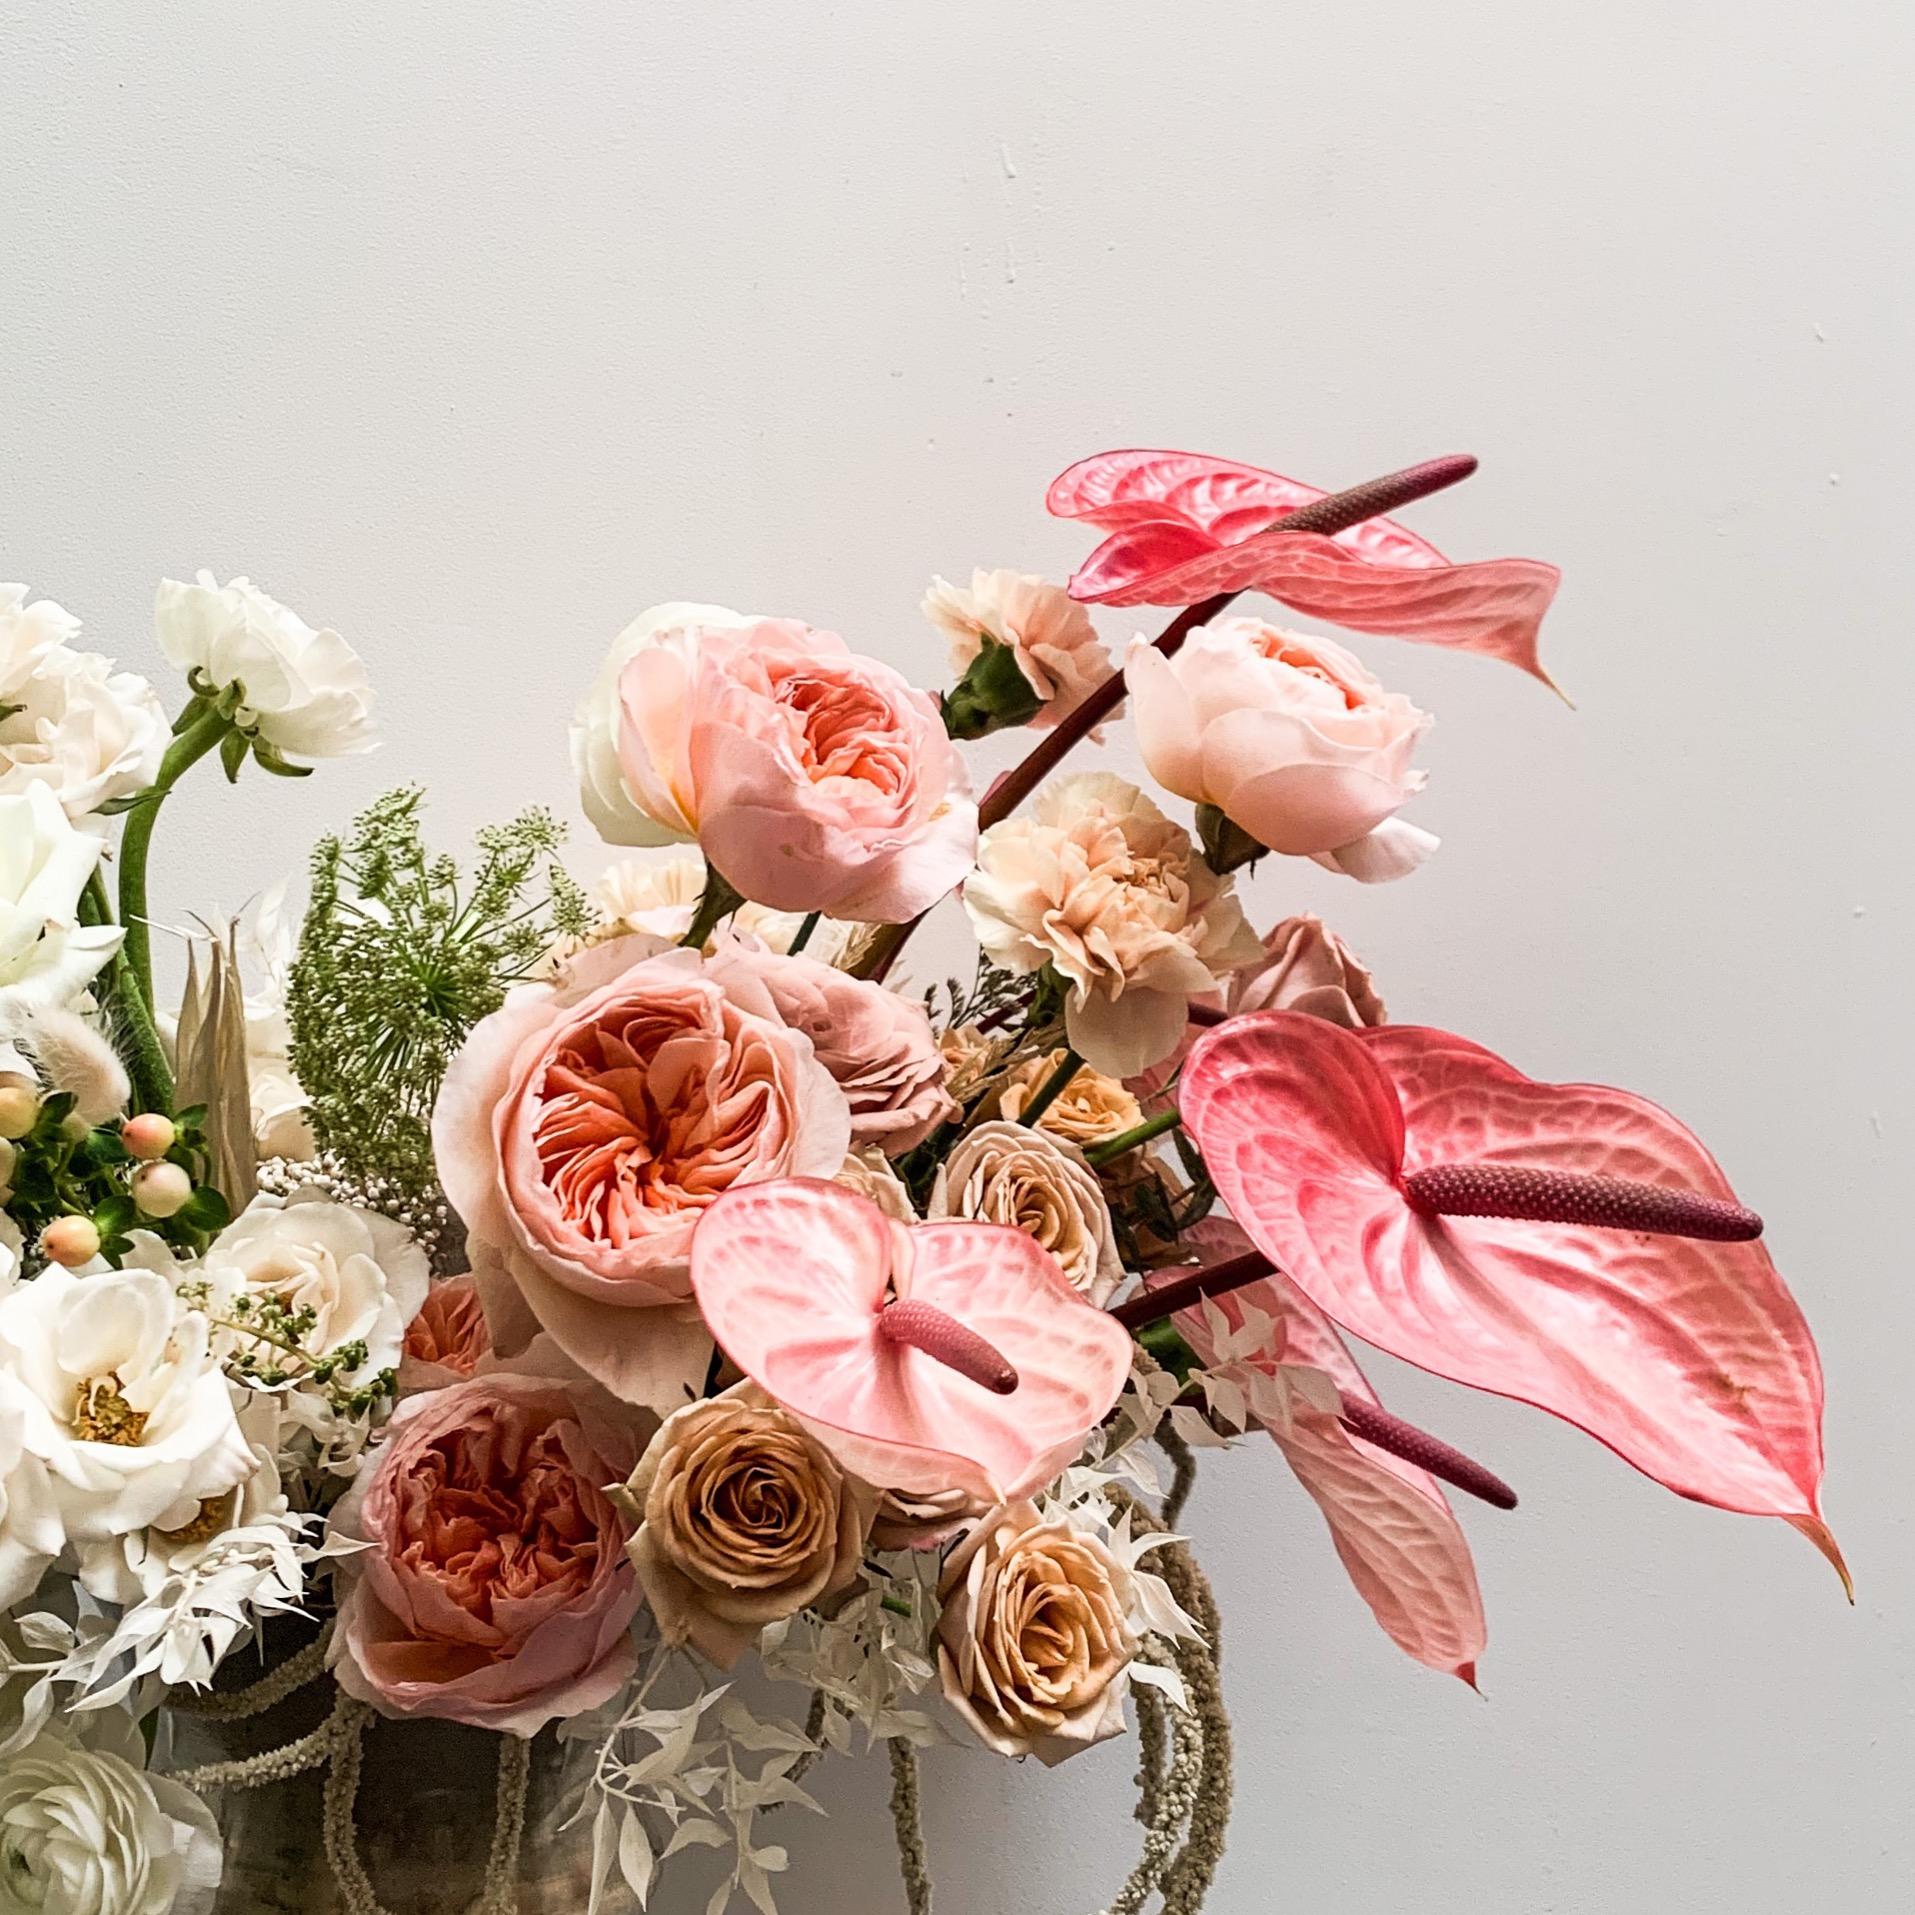 Crown Flora Studio flower subscription plans